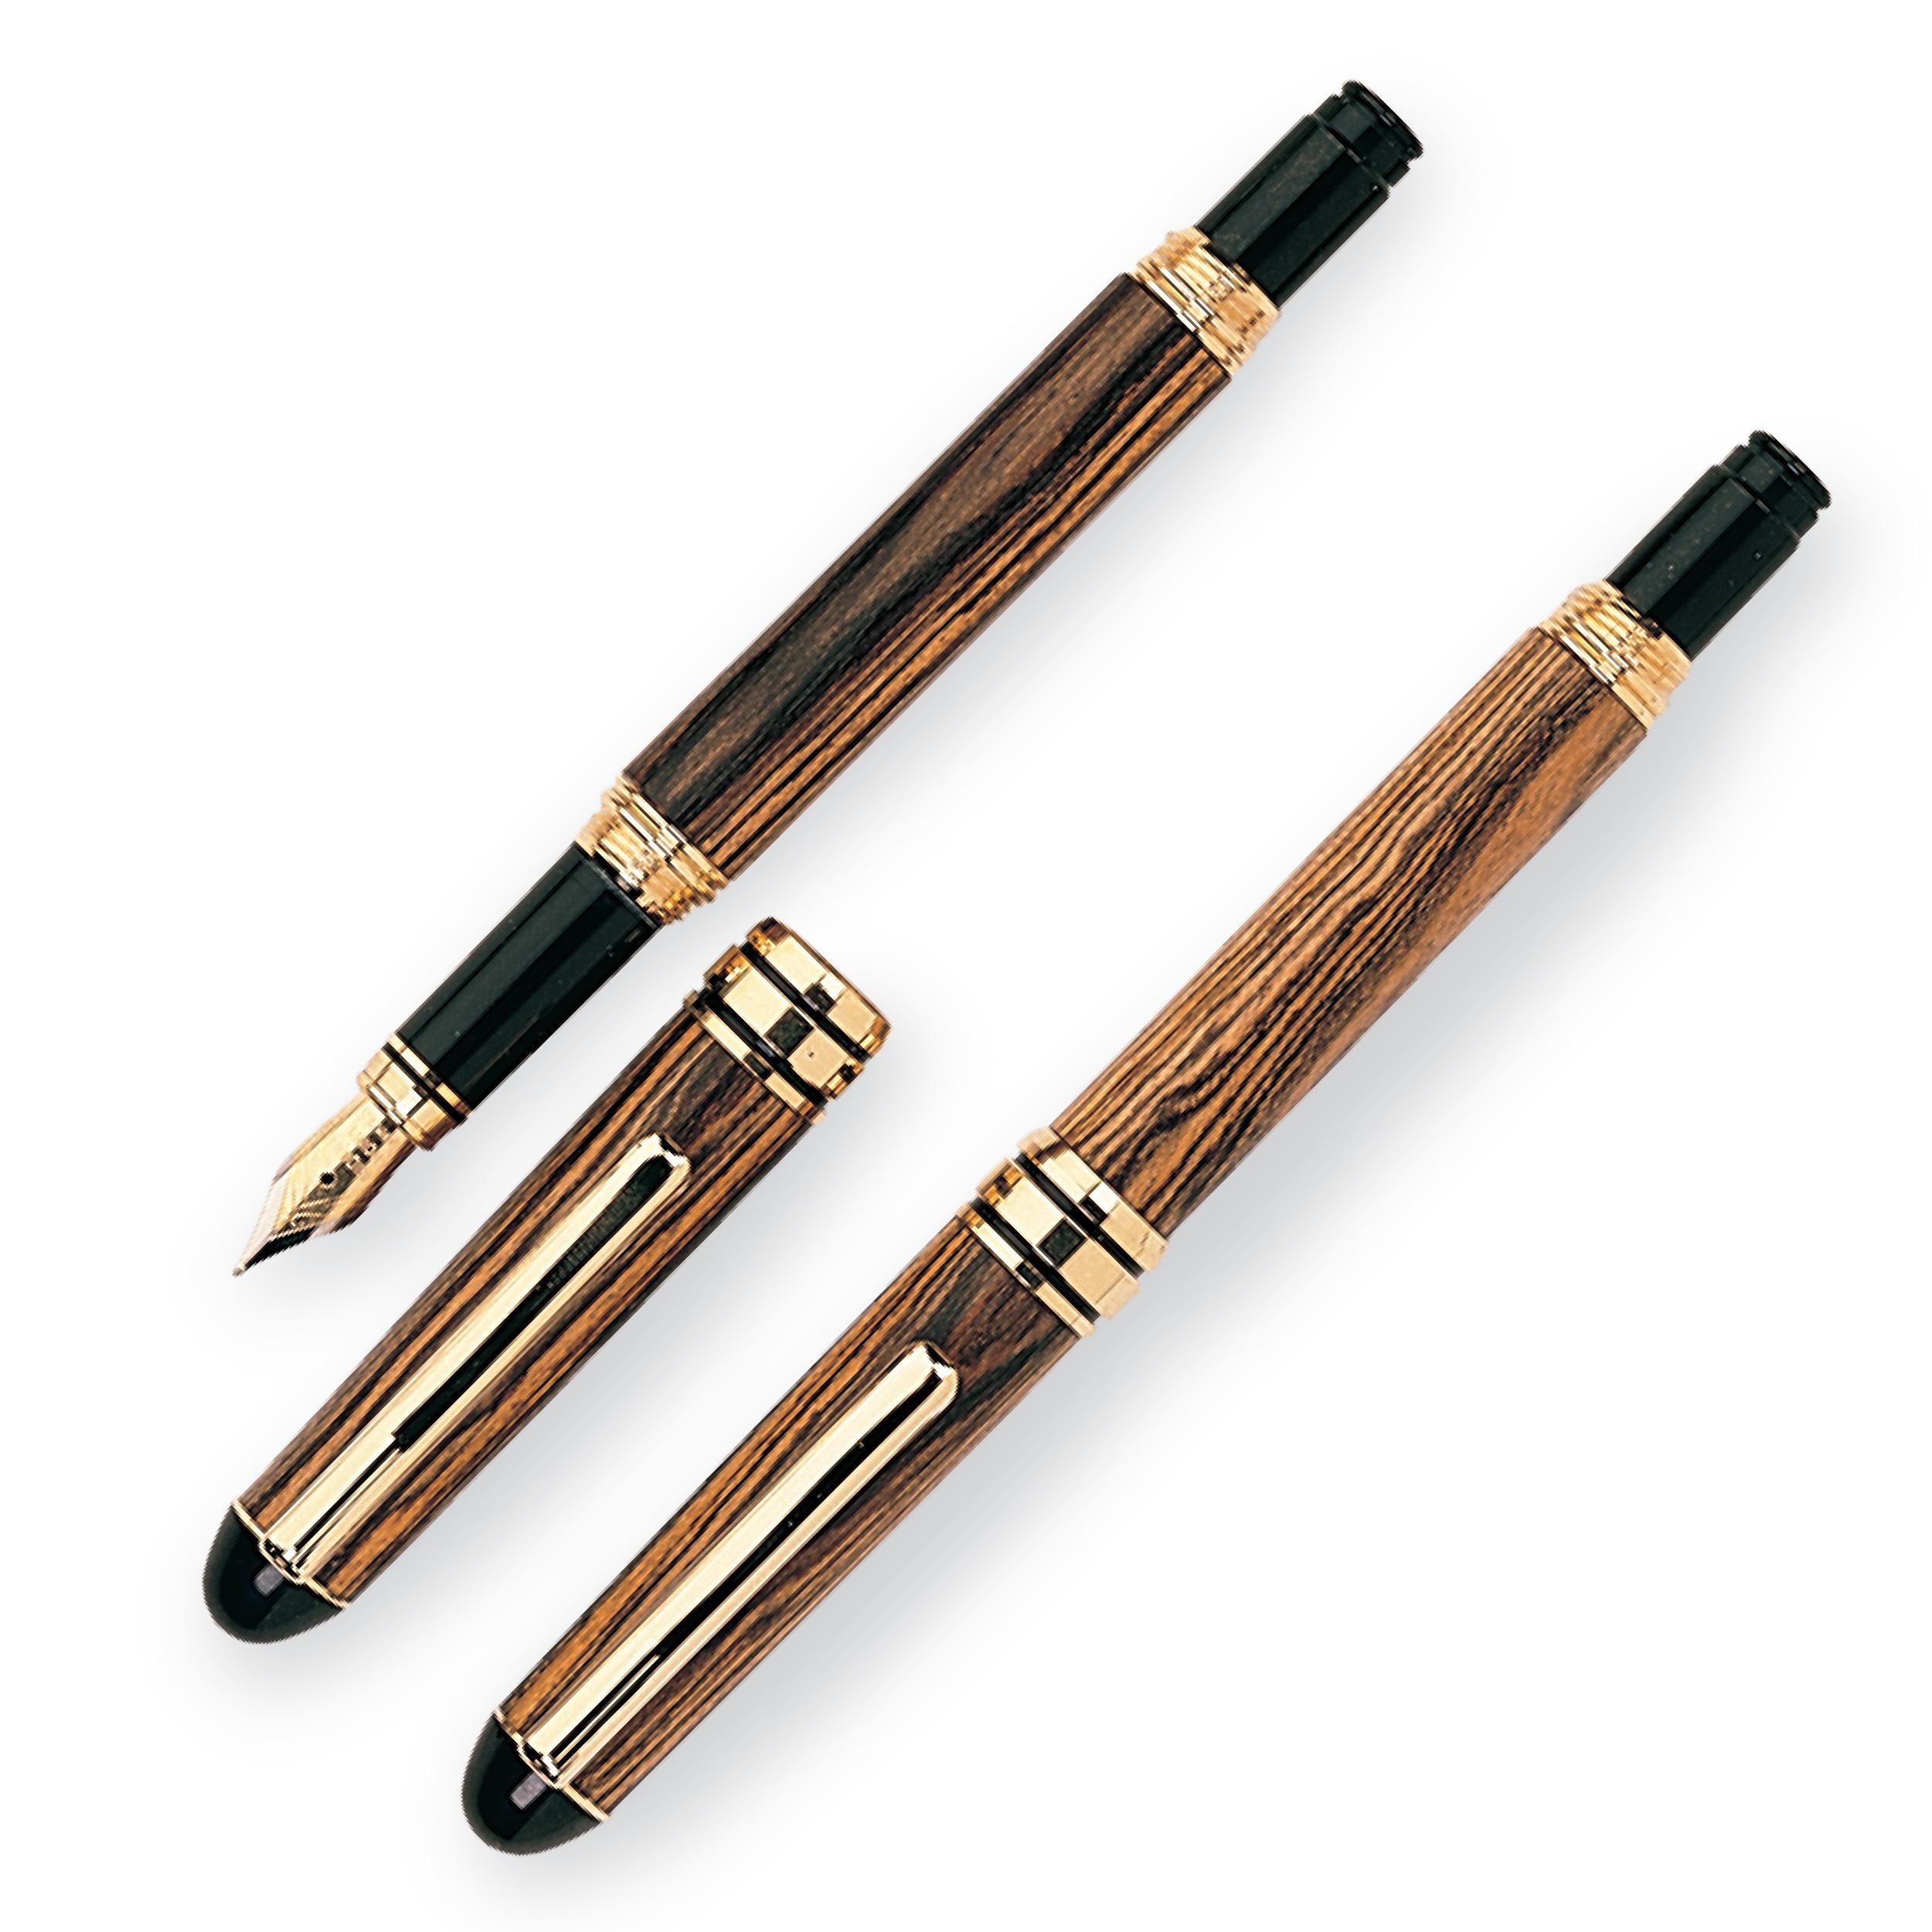 European Style Screw Cap Fountain Pen Kit - Gold